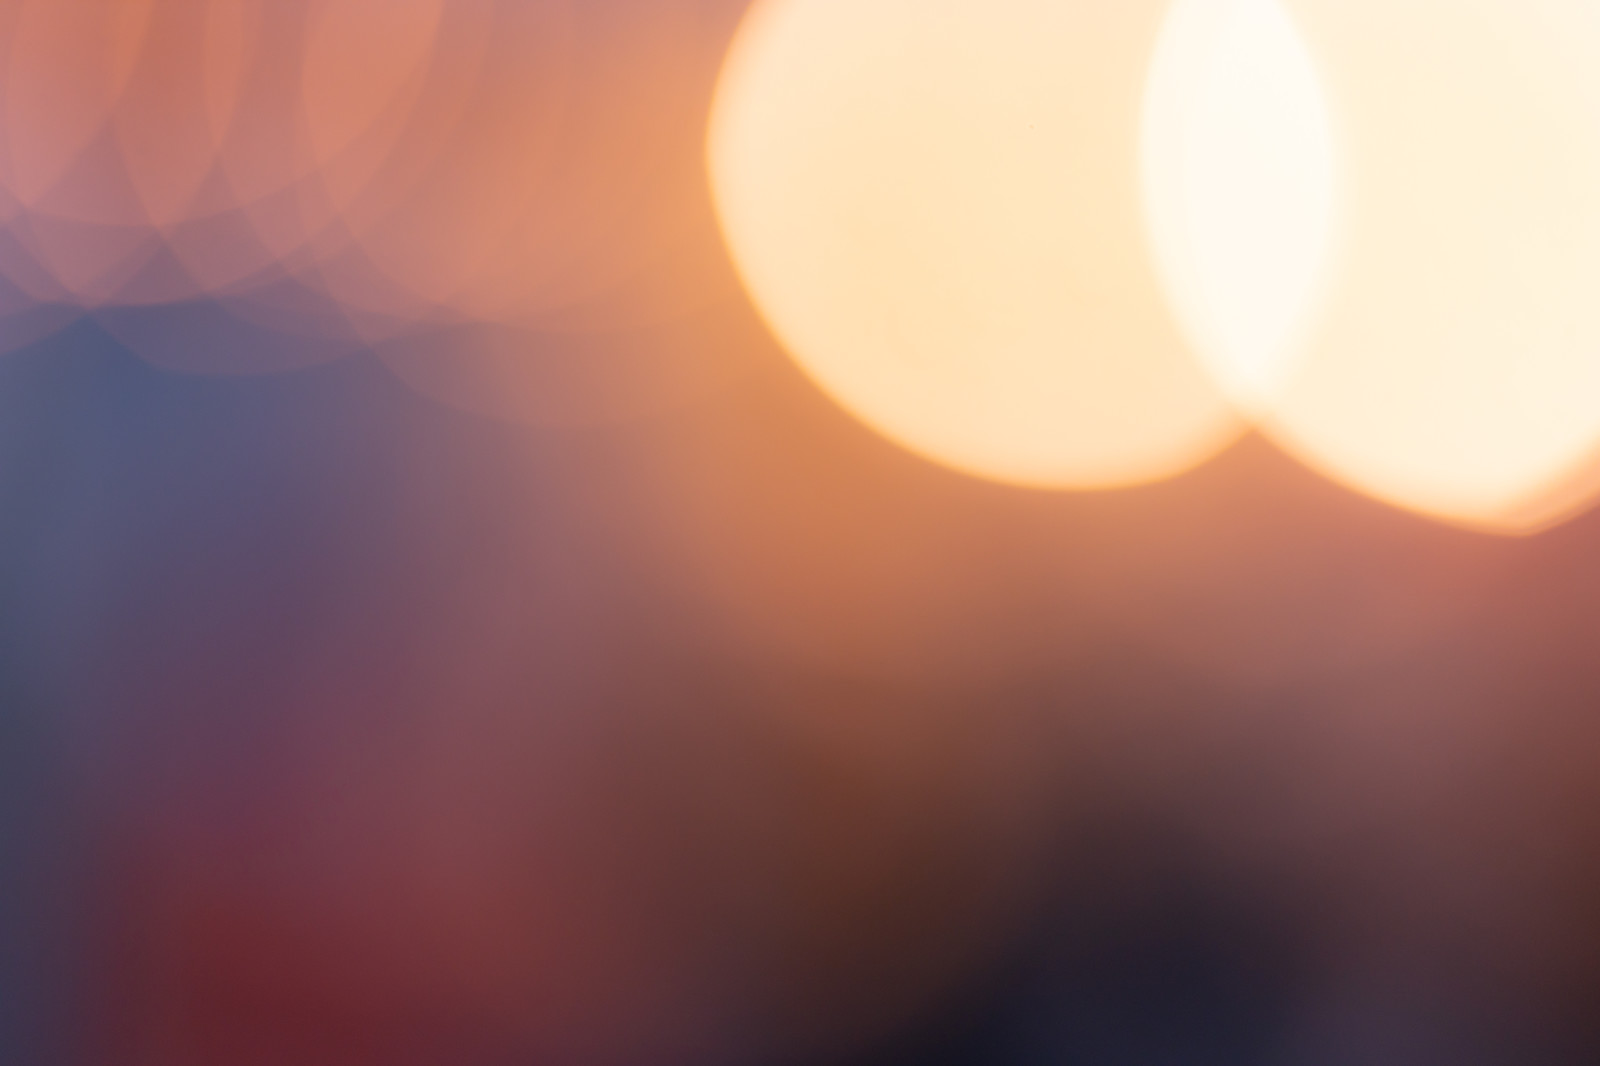 「暗い中の光(テクスチャ)」の写真